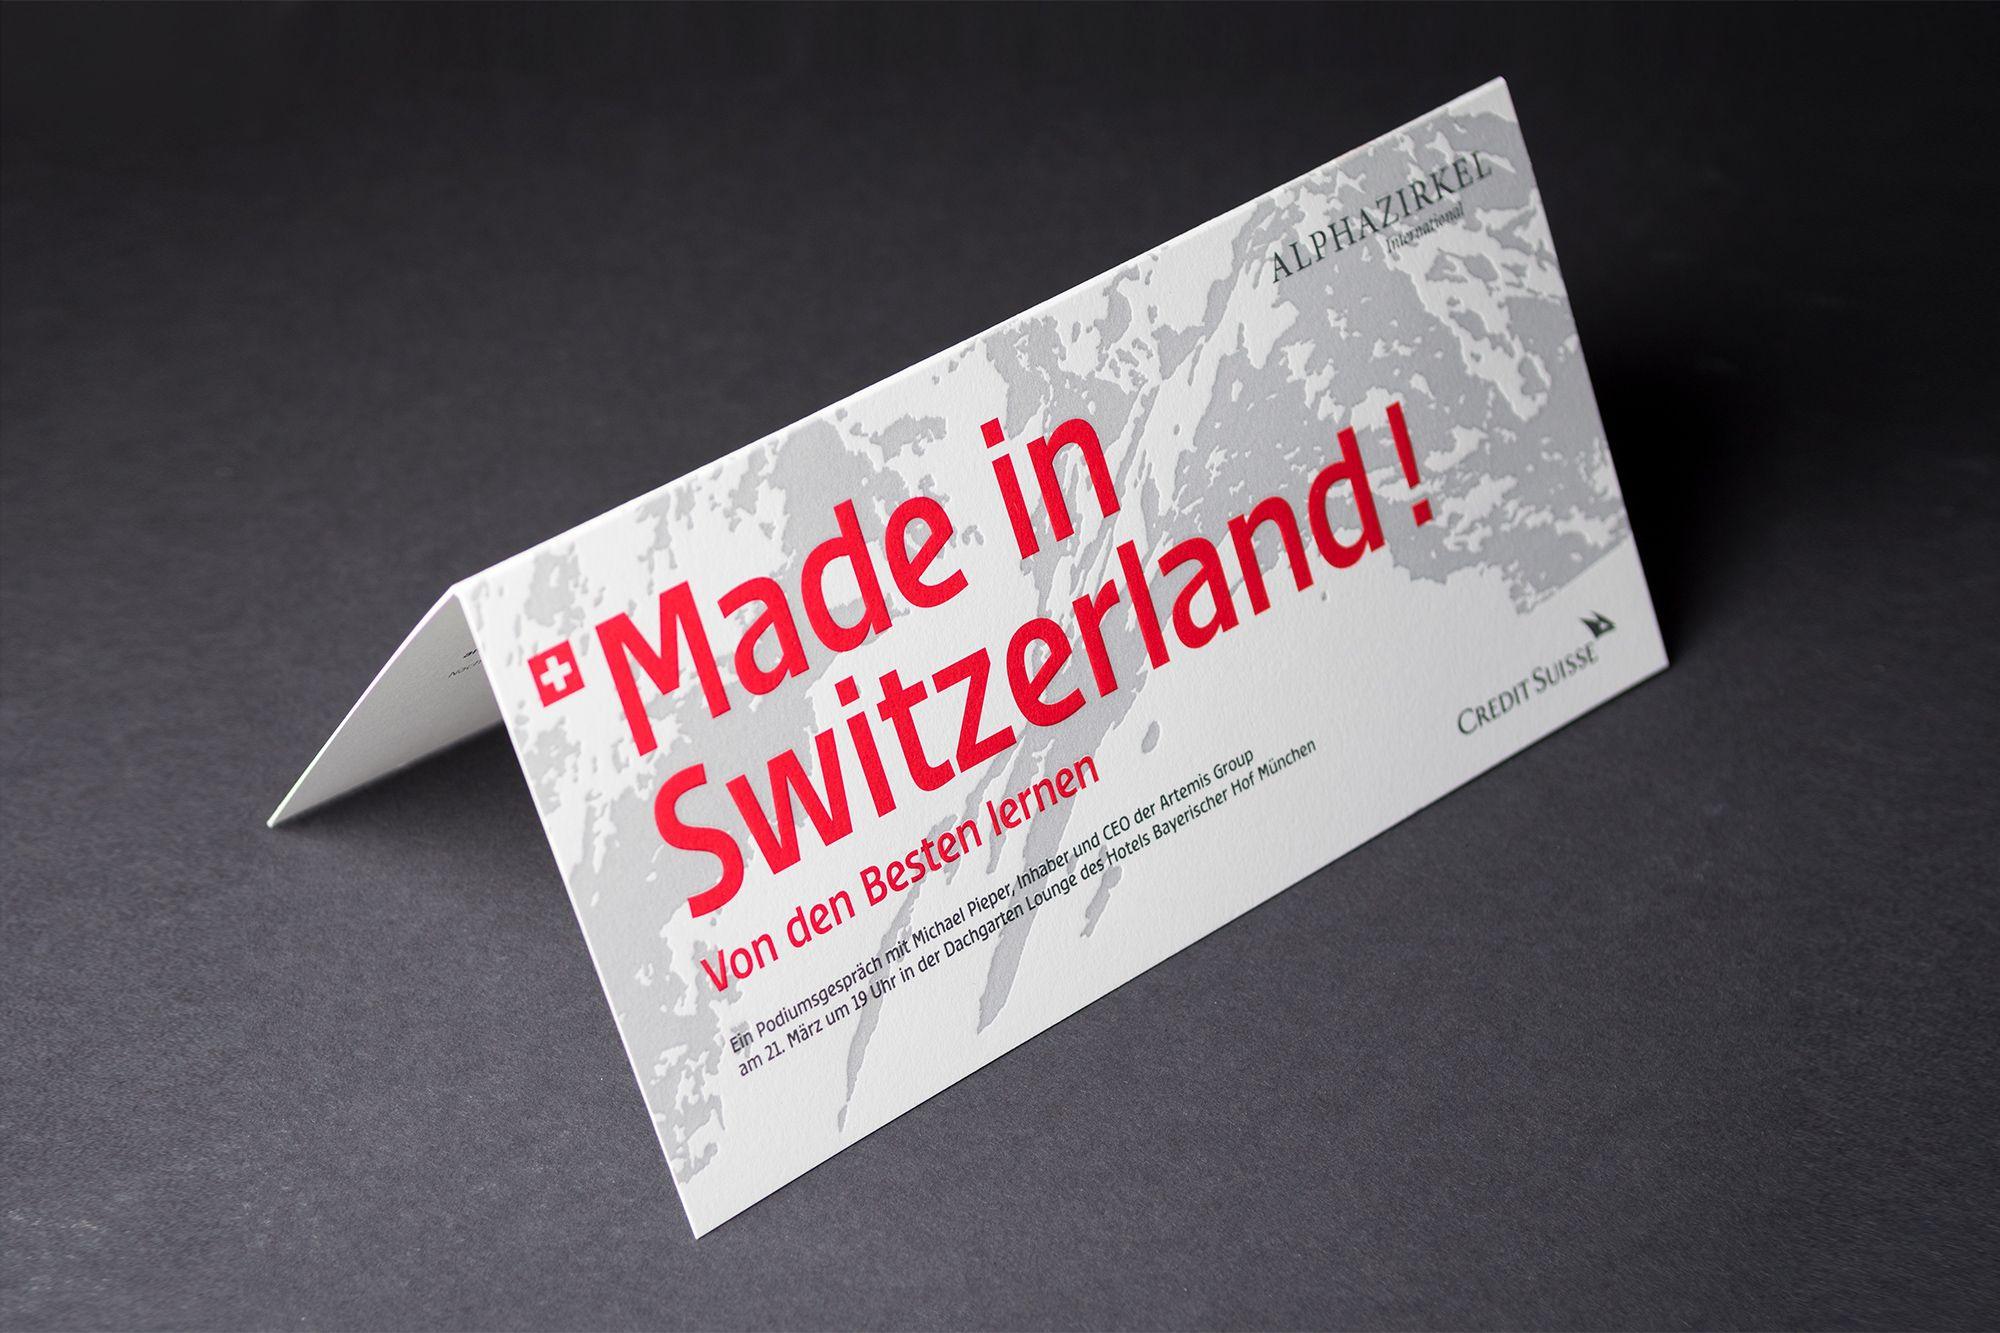 Az Schweiz